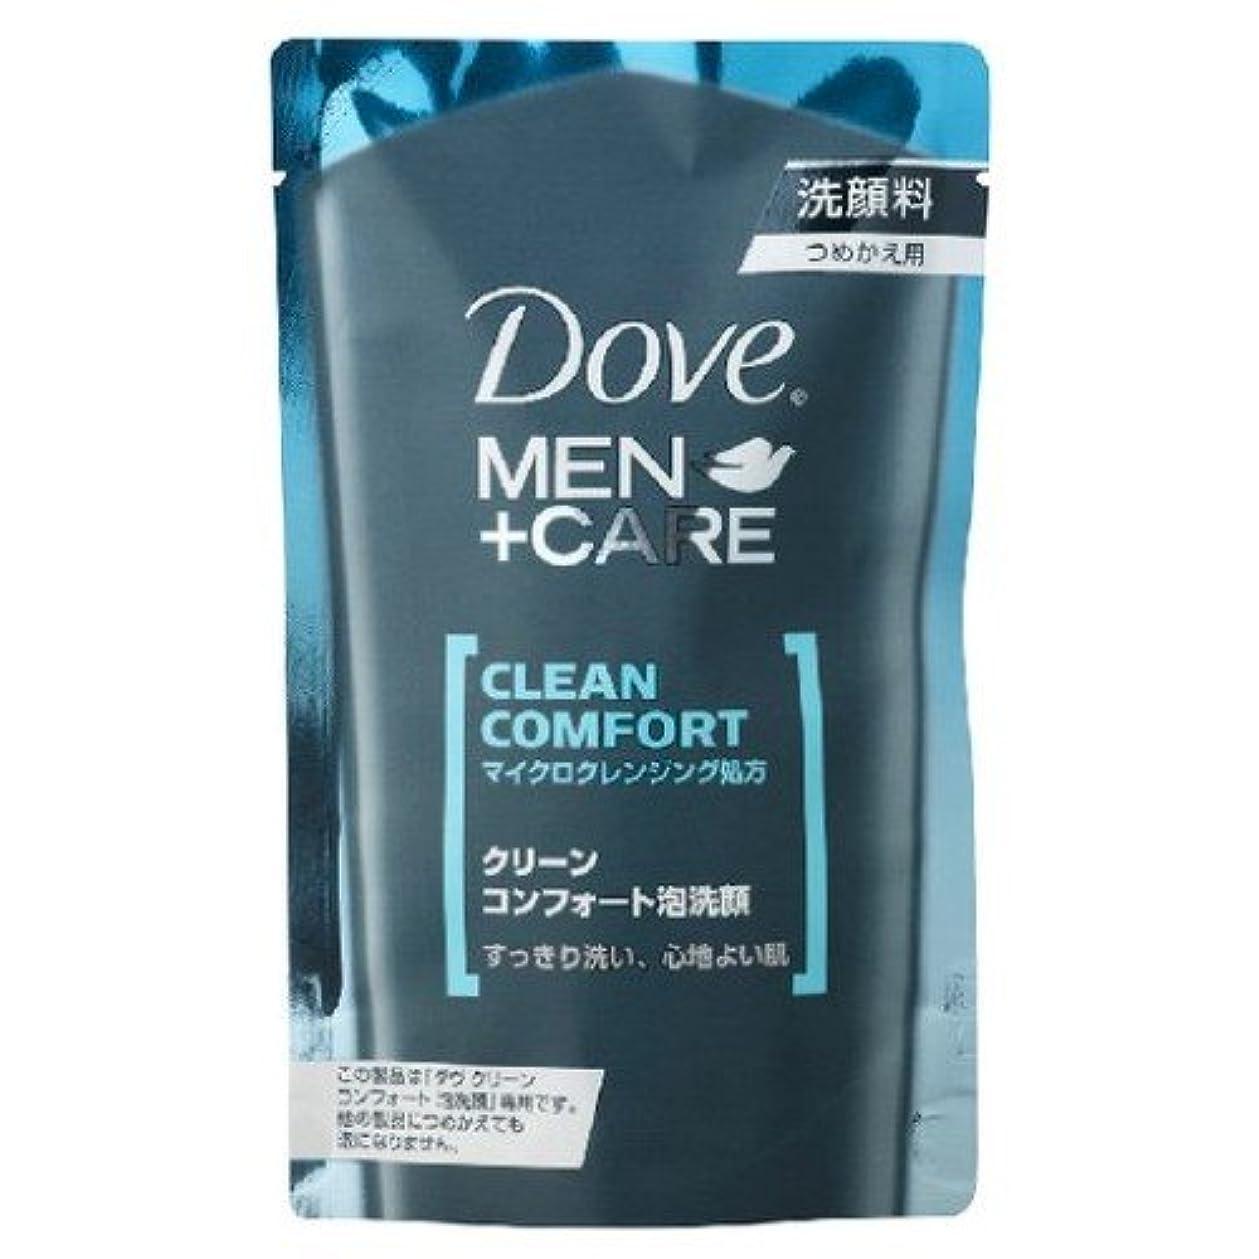 唯一矛盾無視ダヴ クリーンコンフォート 泡洗顔 つめかえ用 110ml